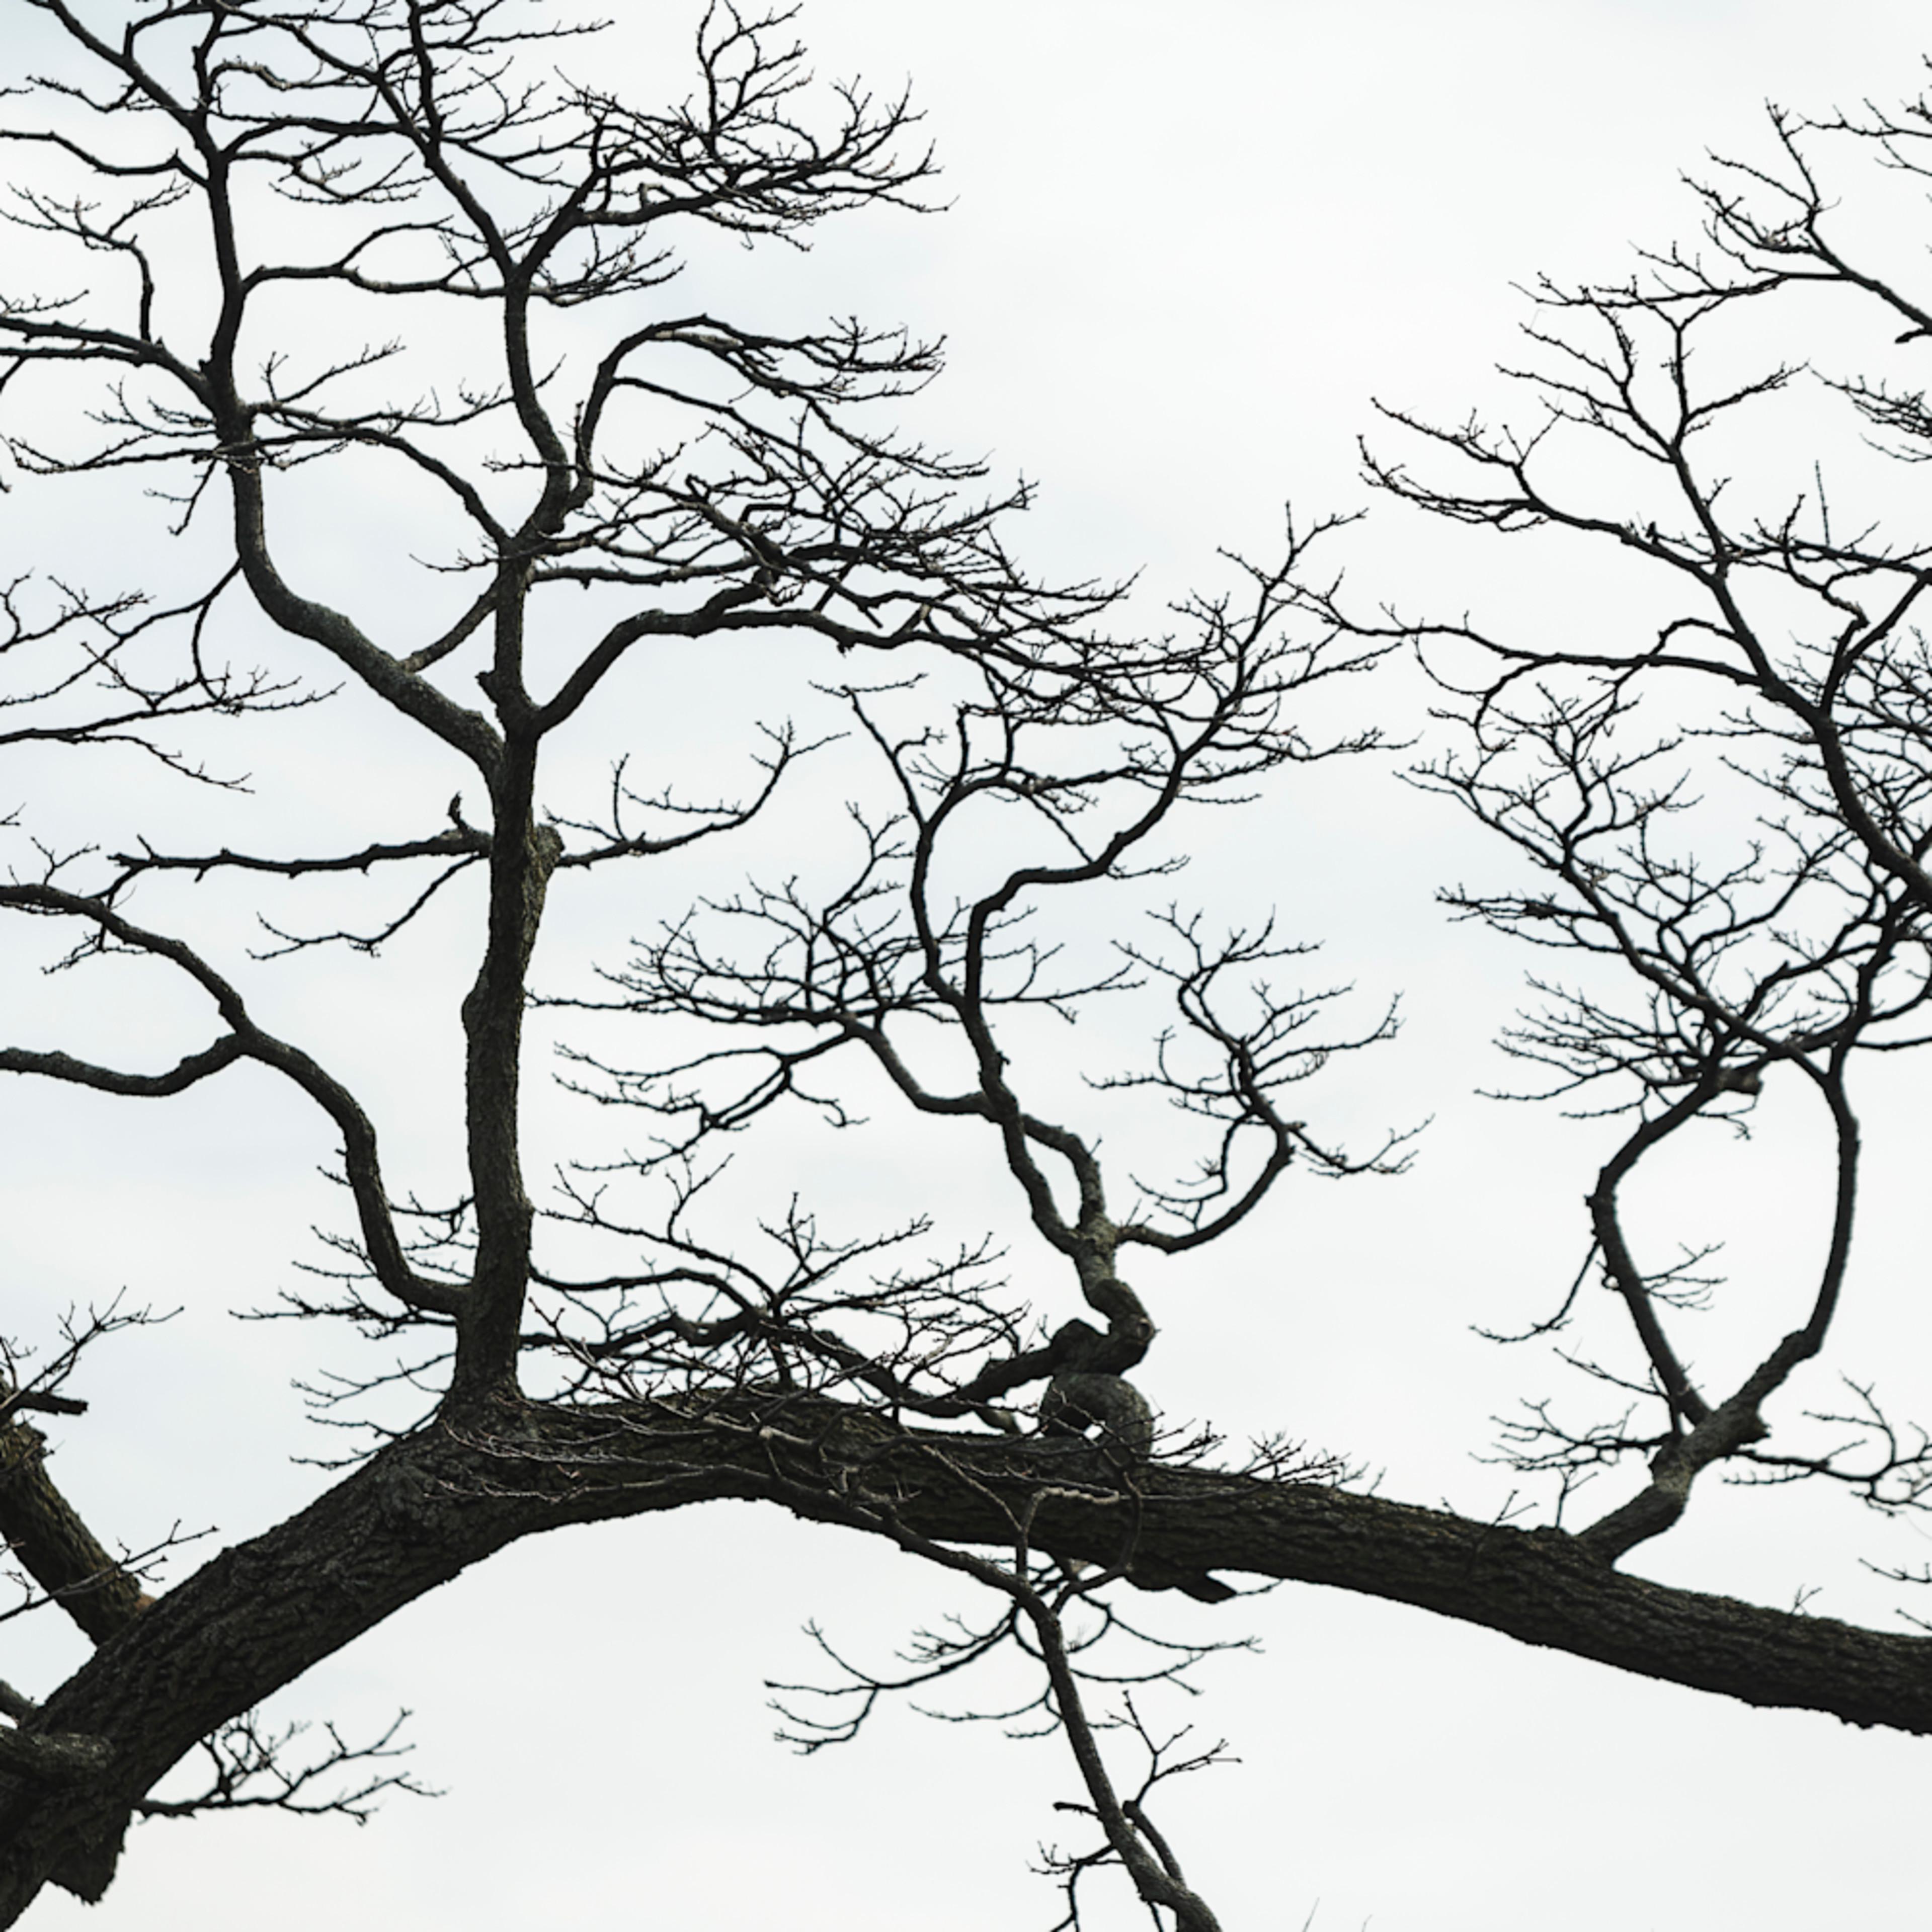 Trees  41 lkg5ks